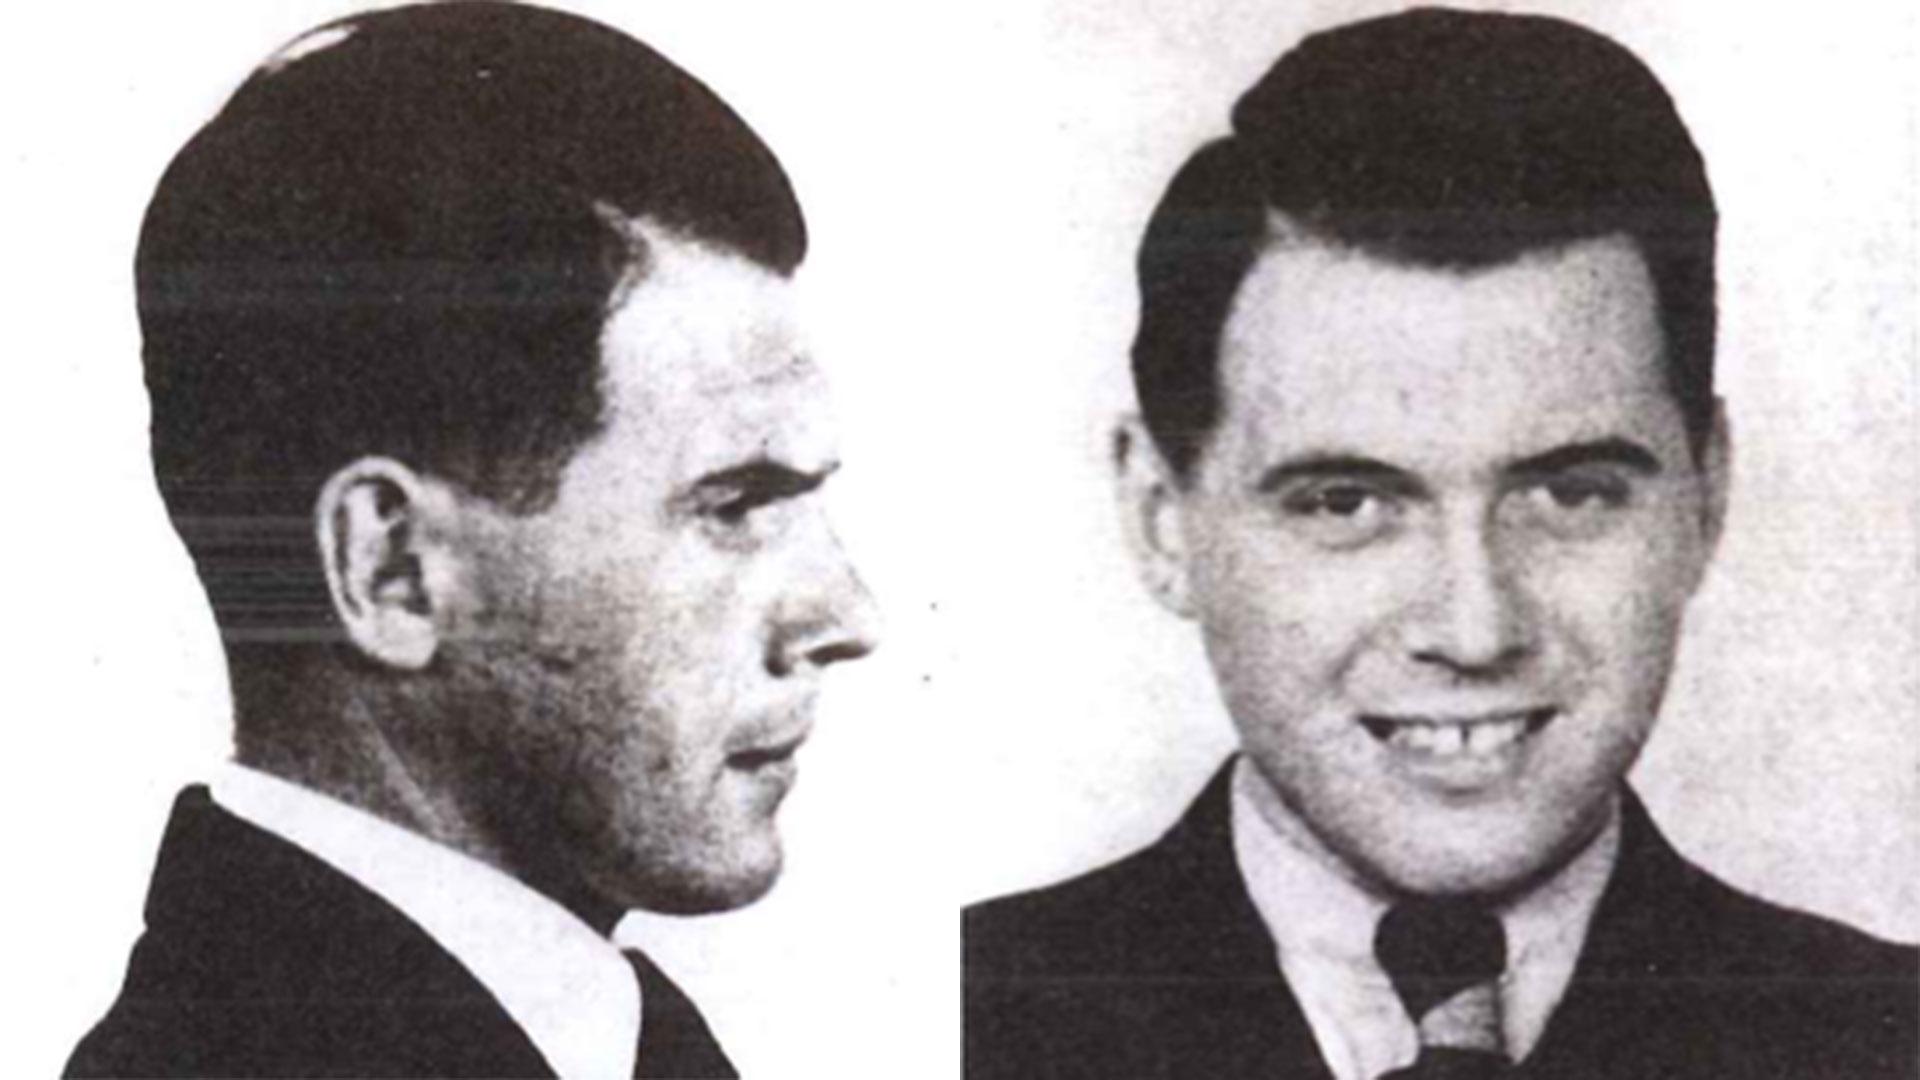 Salió de Alemania, como tantos otros jerarcas nazis, con pasaporte falso de la Cruz Roja, vía Génova hacia Buenos Aires.